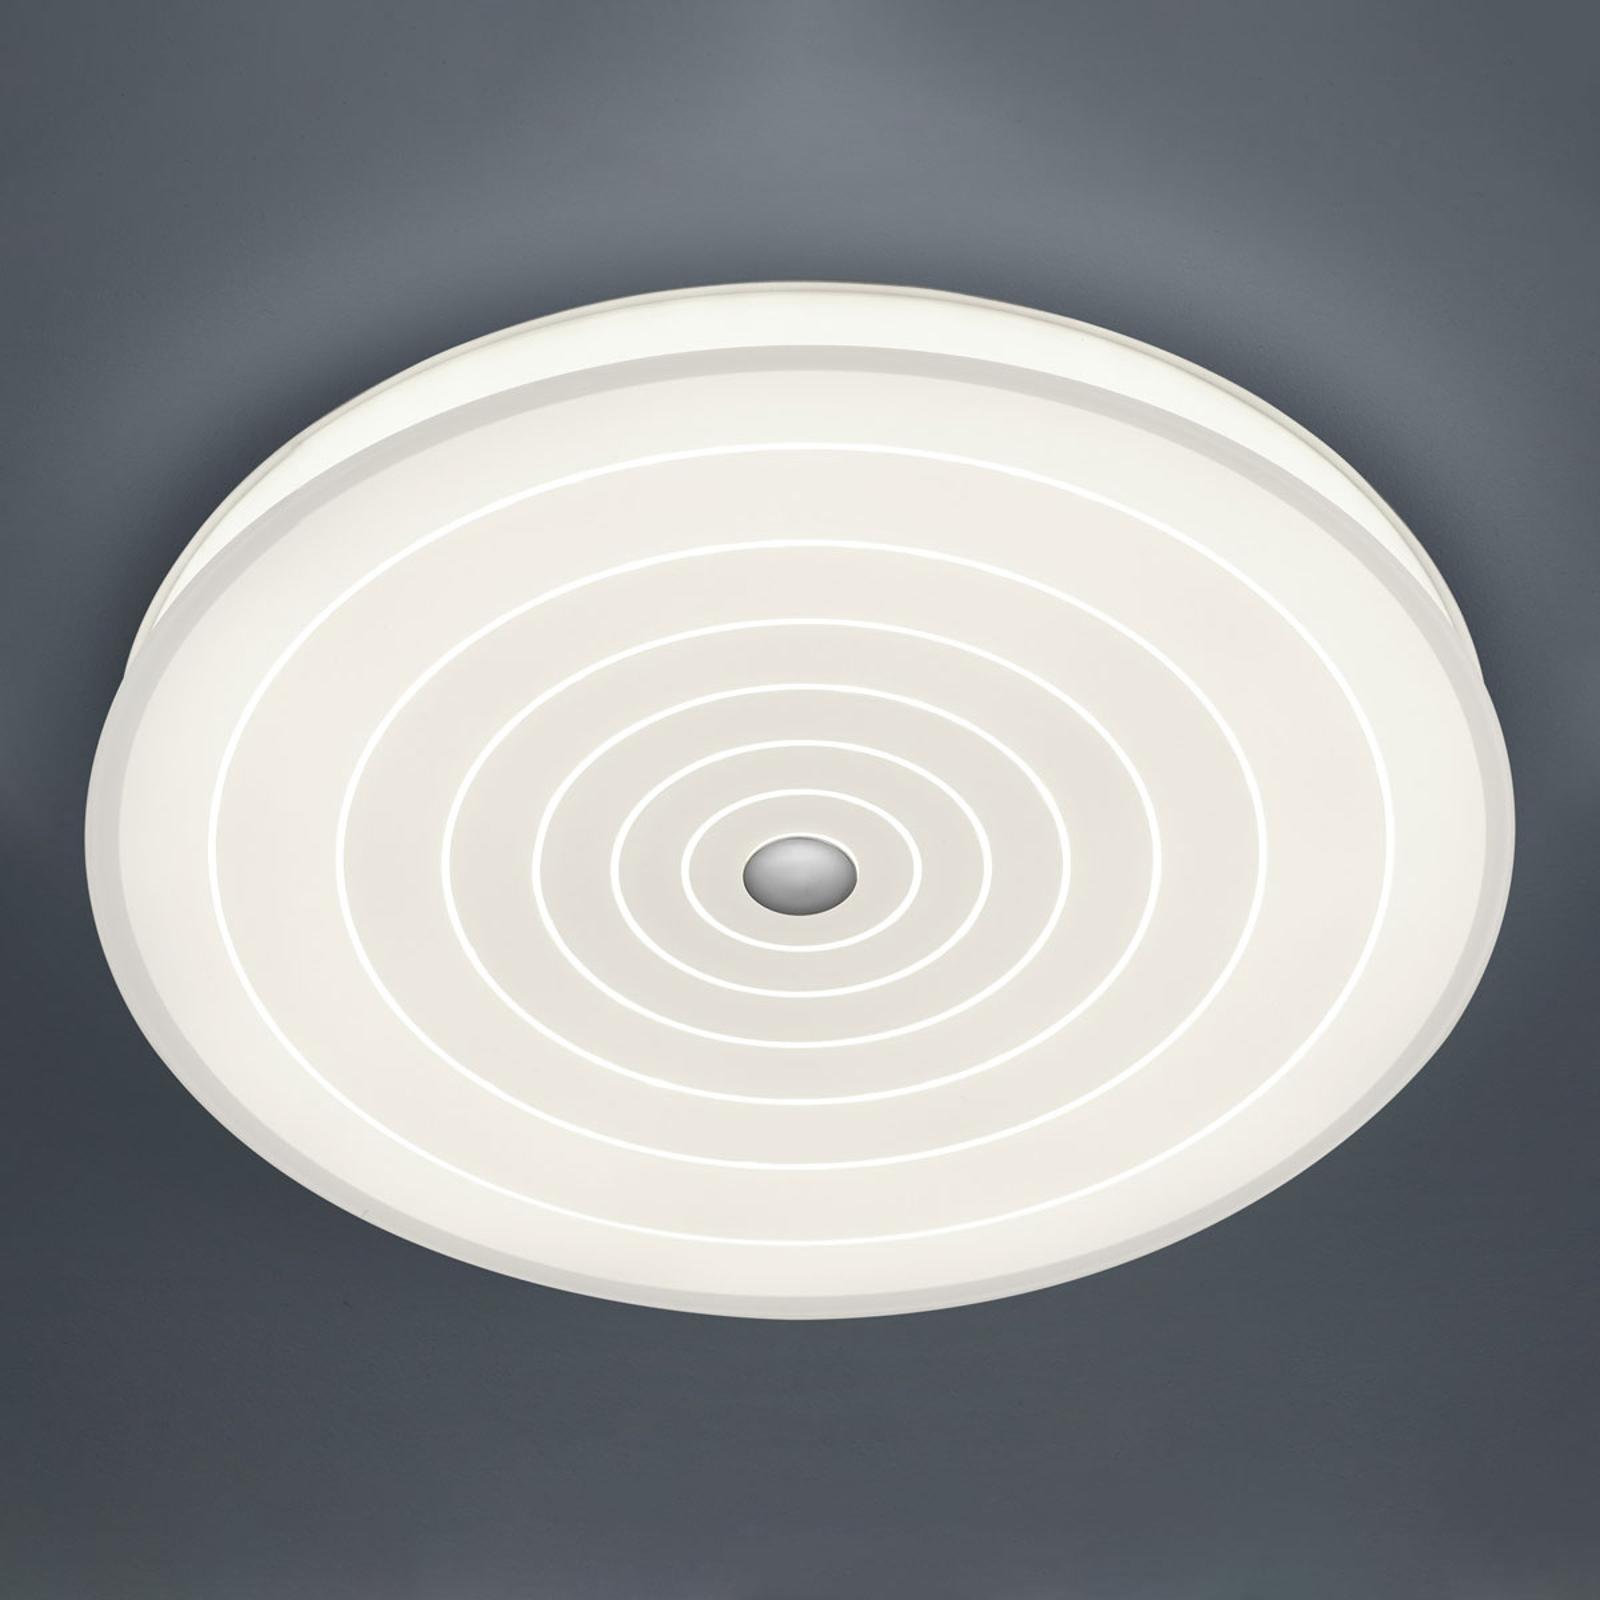 BANKAMP Mandala LED plafondlamp cirkel, Ø 52 cm